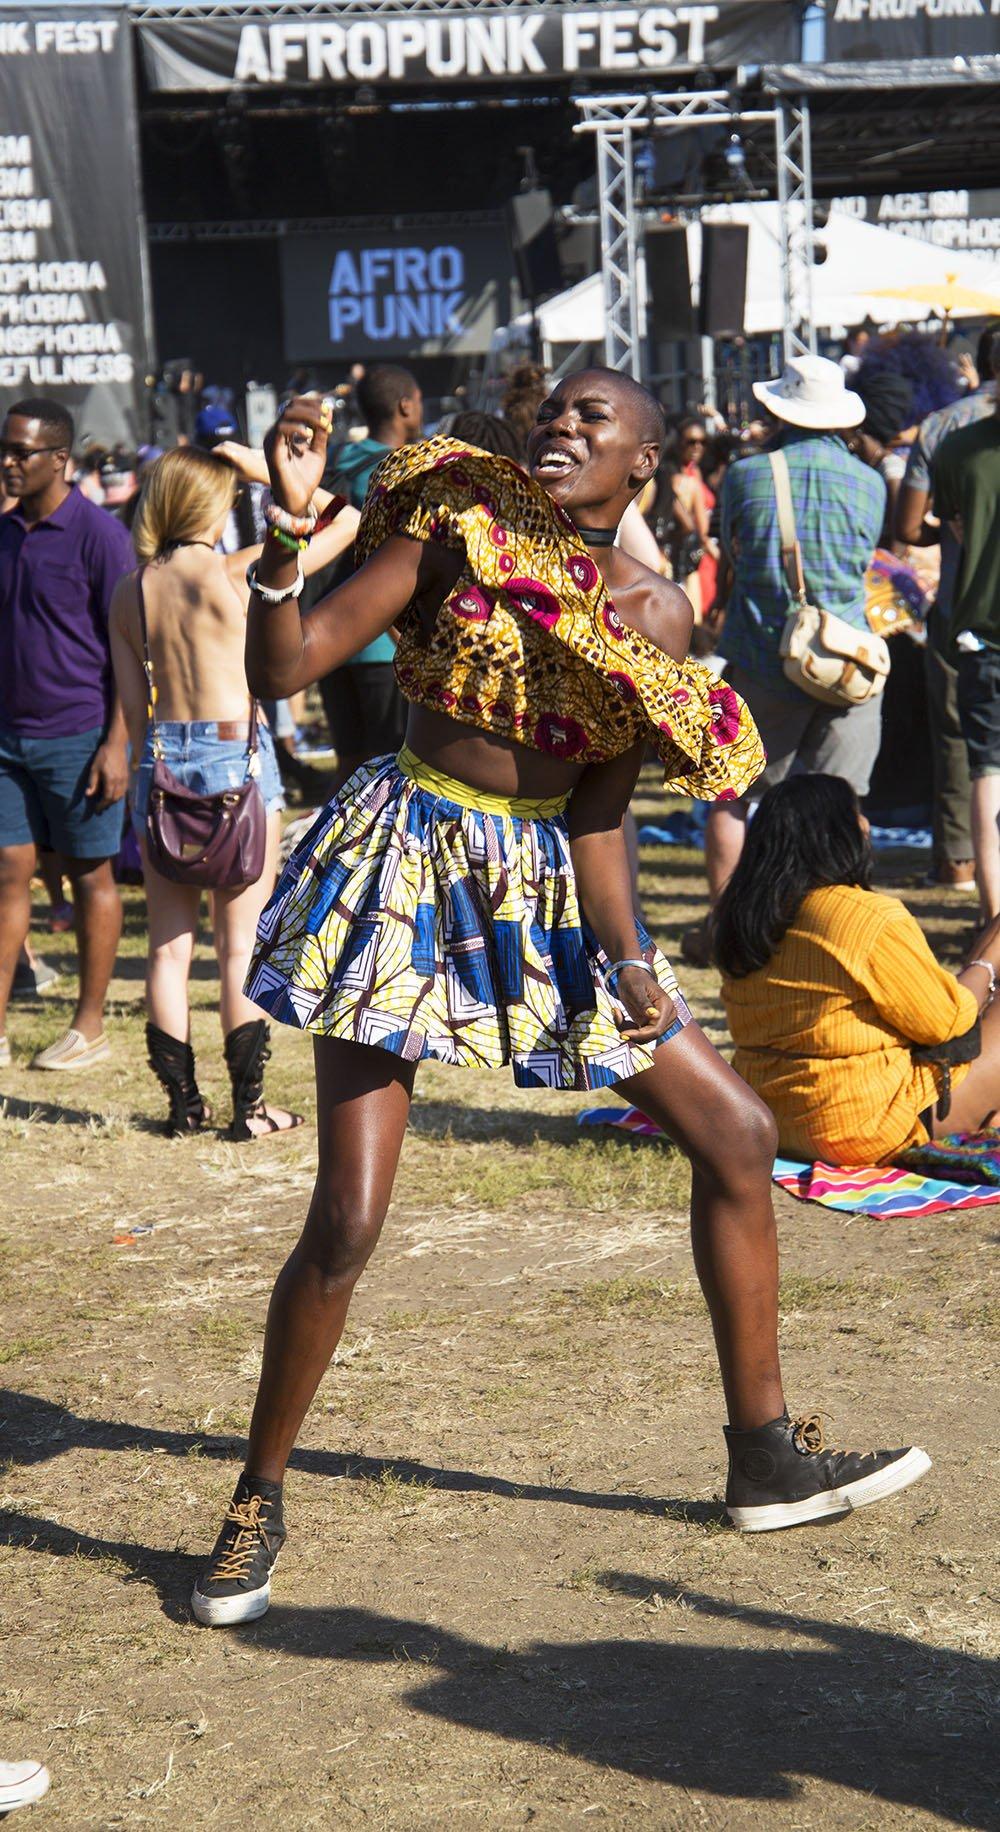 griot-mag-afropunk-festival-inno-alla-diversita-divesity-e-allo-stile-new-york-brooklyn-11-©johanne affricot